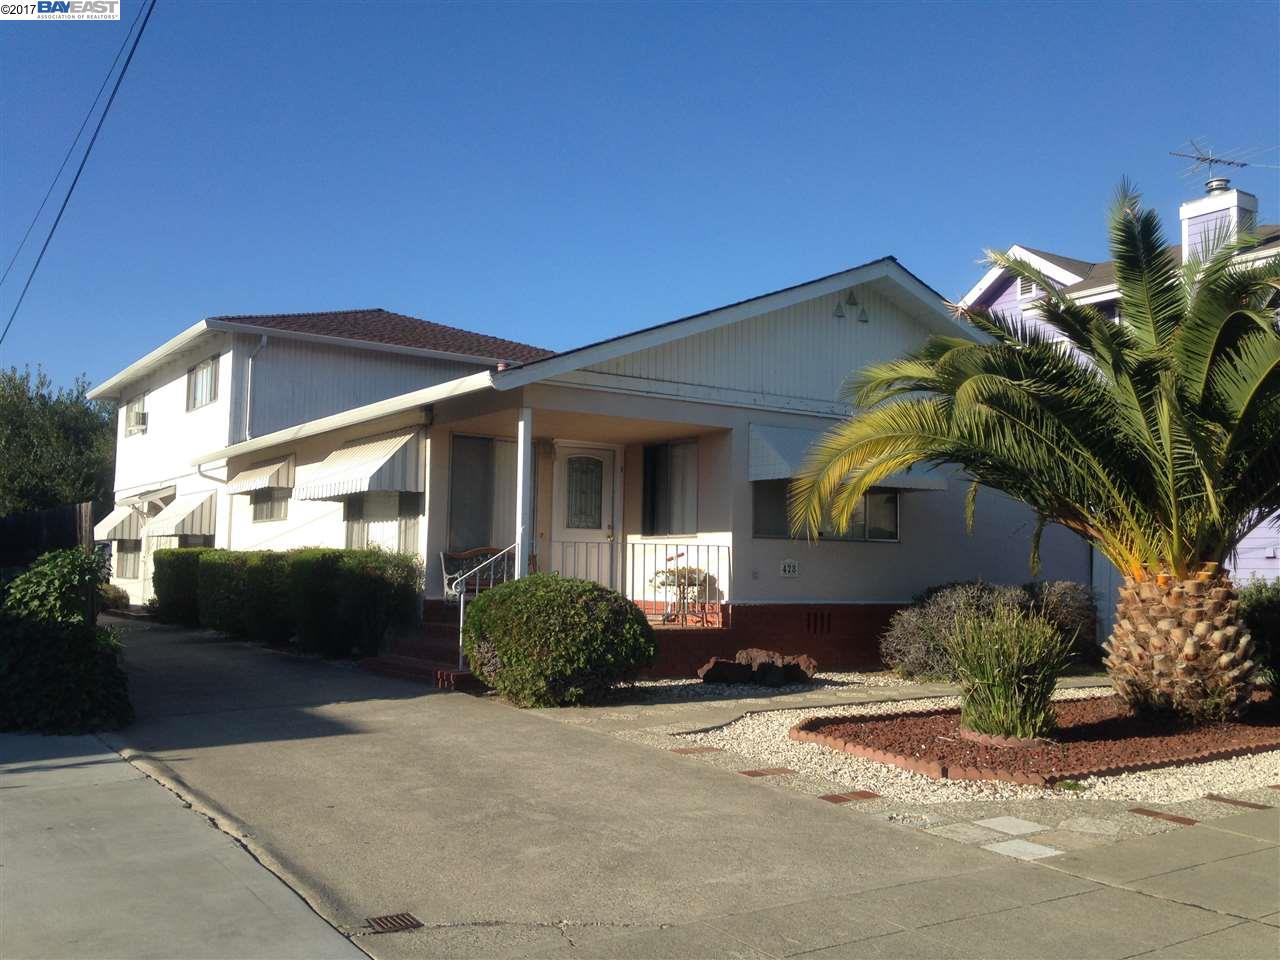 428 JUANA AVE, SAN LEANDRO, CA 94577